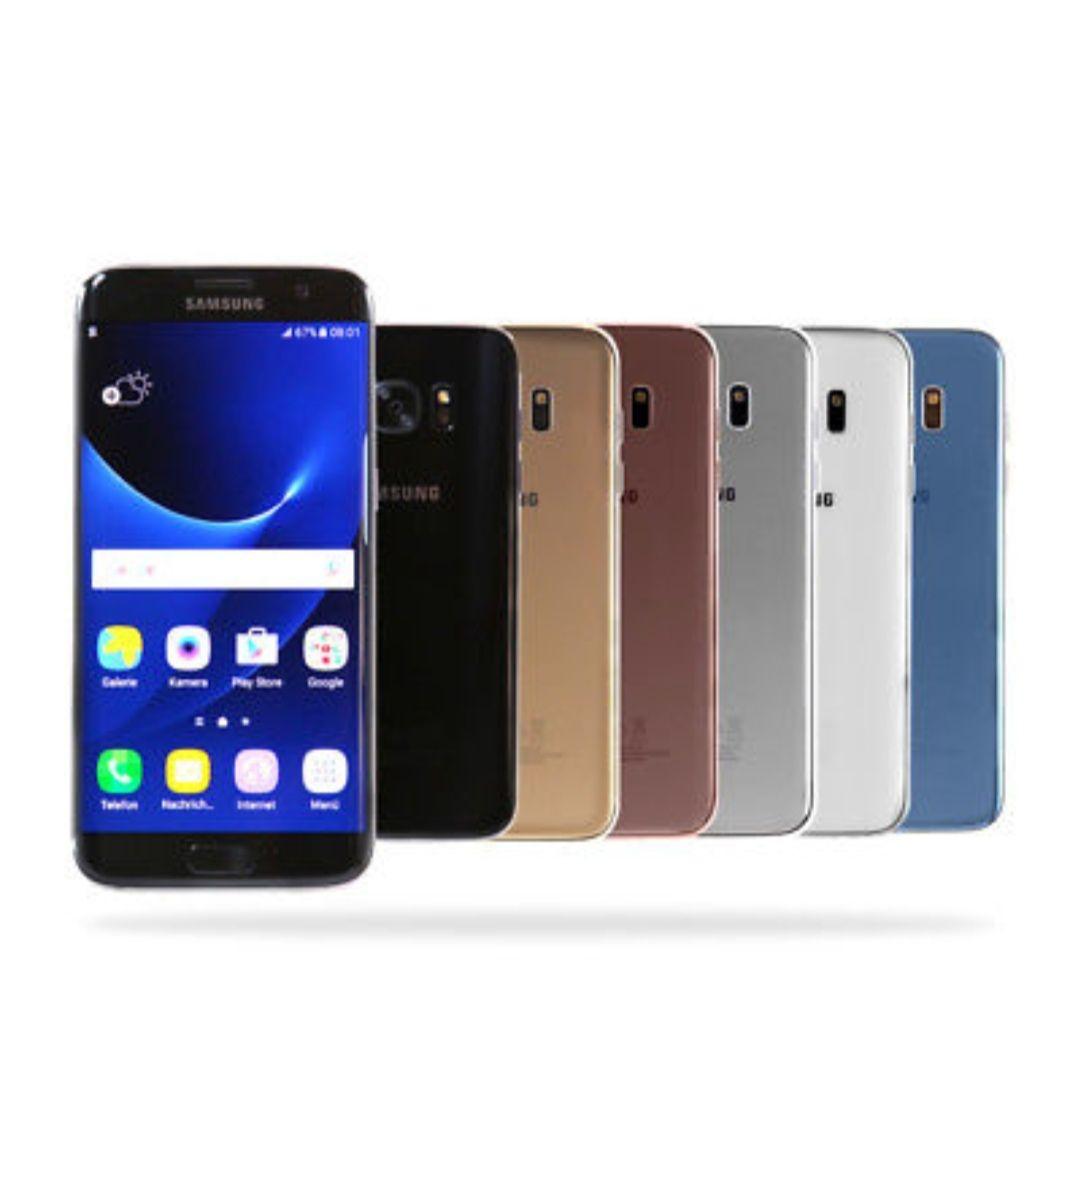 Samsung Galaxy S7 Edge G935F 32GB / Schwarz Weiß Silber Gold / Händler Gebraucht